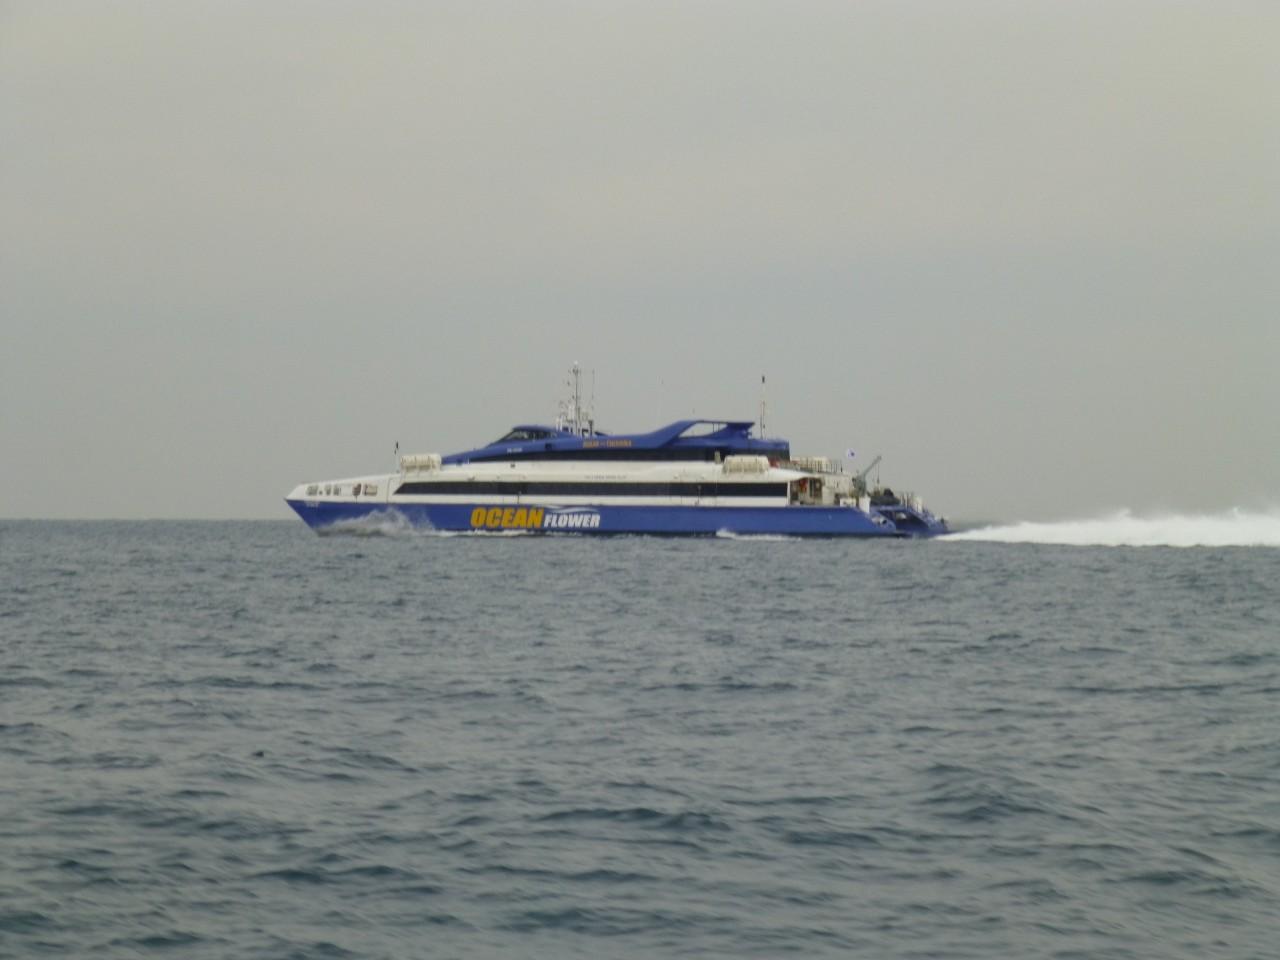 12月28日 本船帰る時間 ・ シーフラワー高速艇釜山へ帰る時間